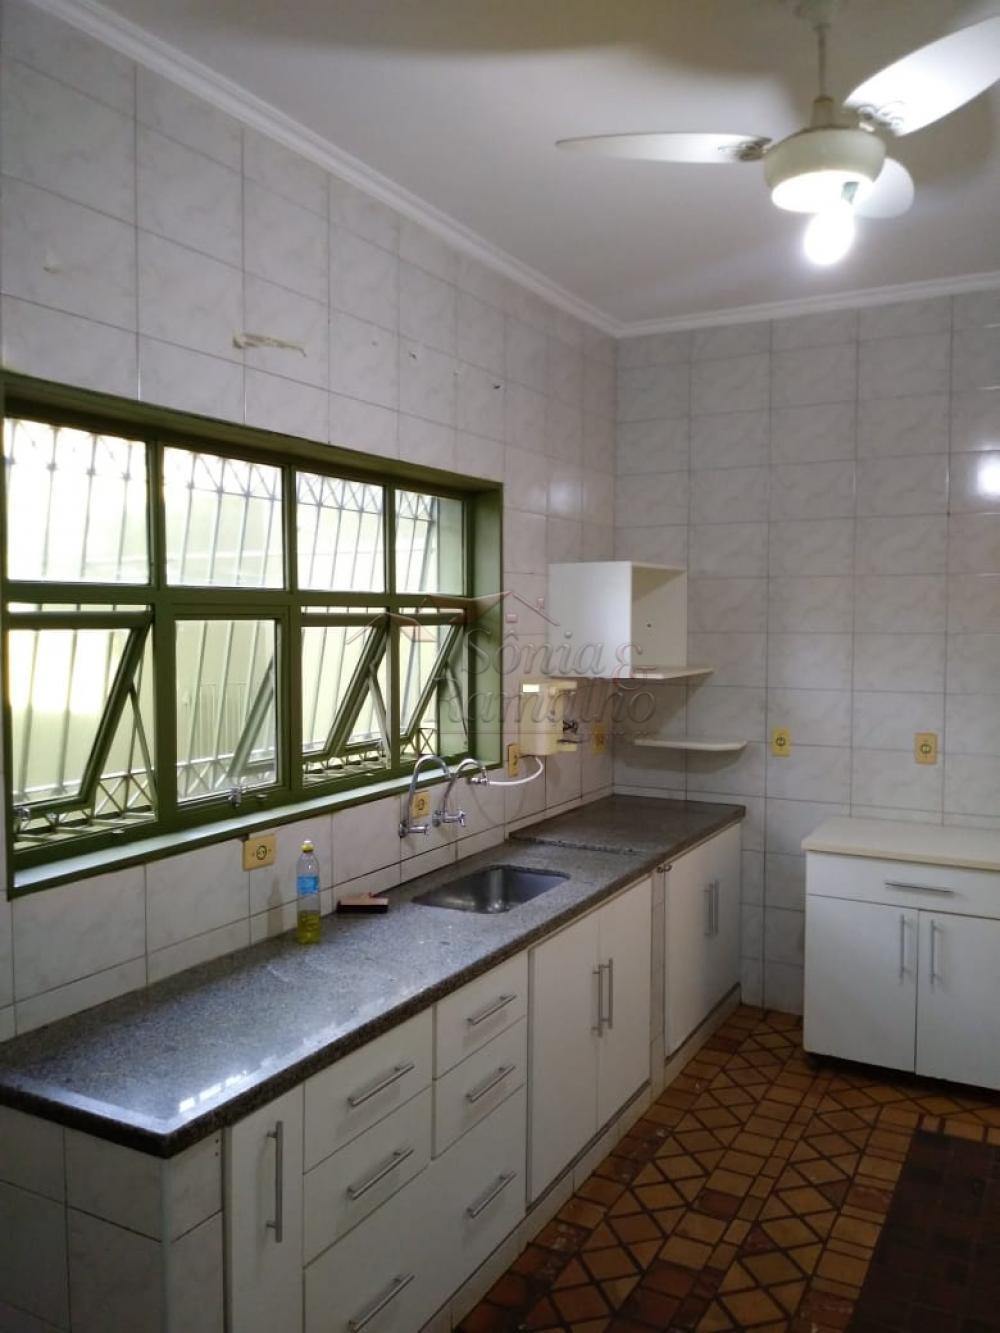 Alugar Casas / Padrão em Ribeirão Preto apenas R$ 3.600,00 - Foto 8